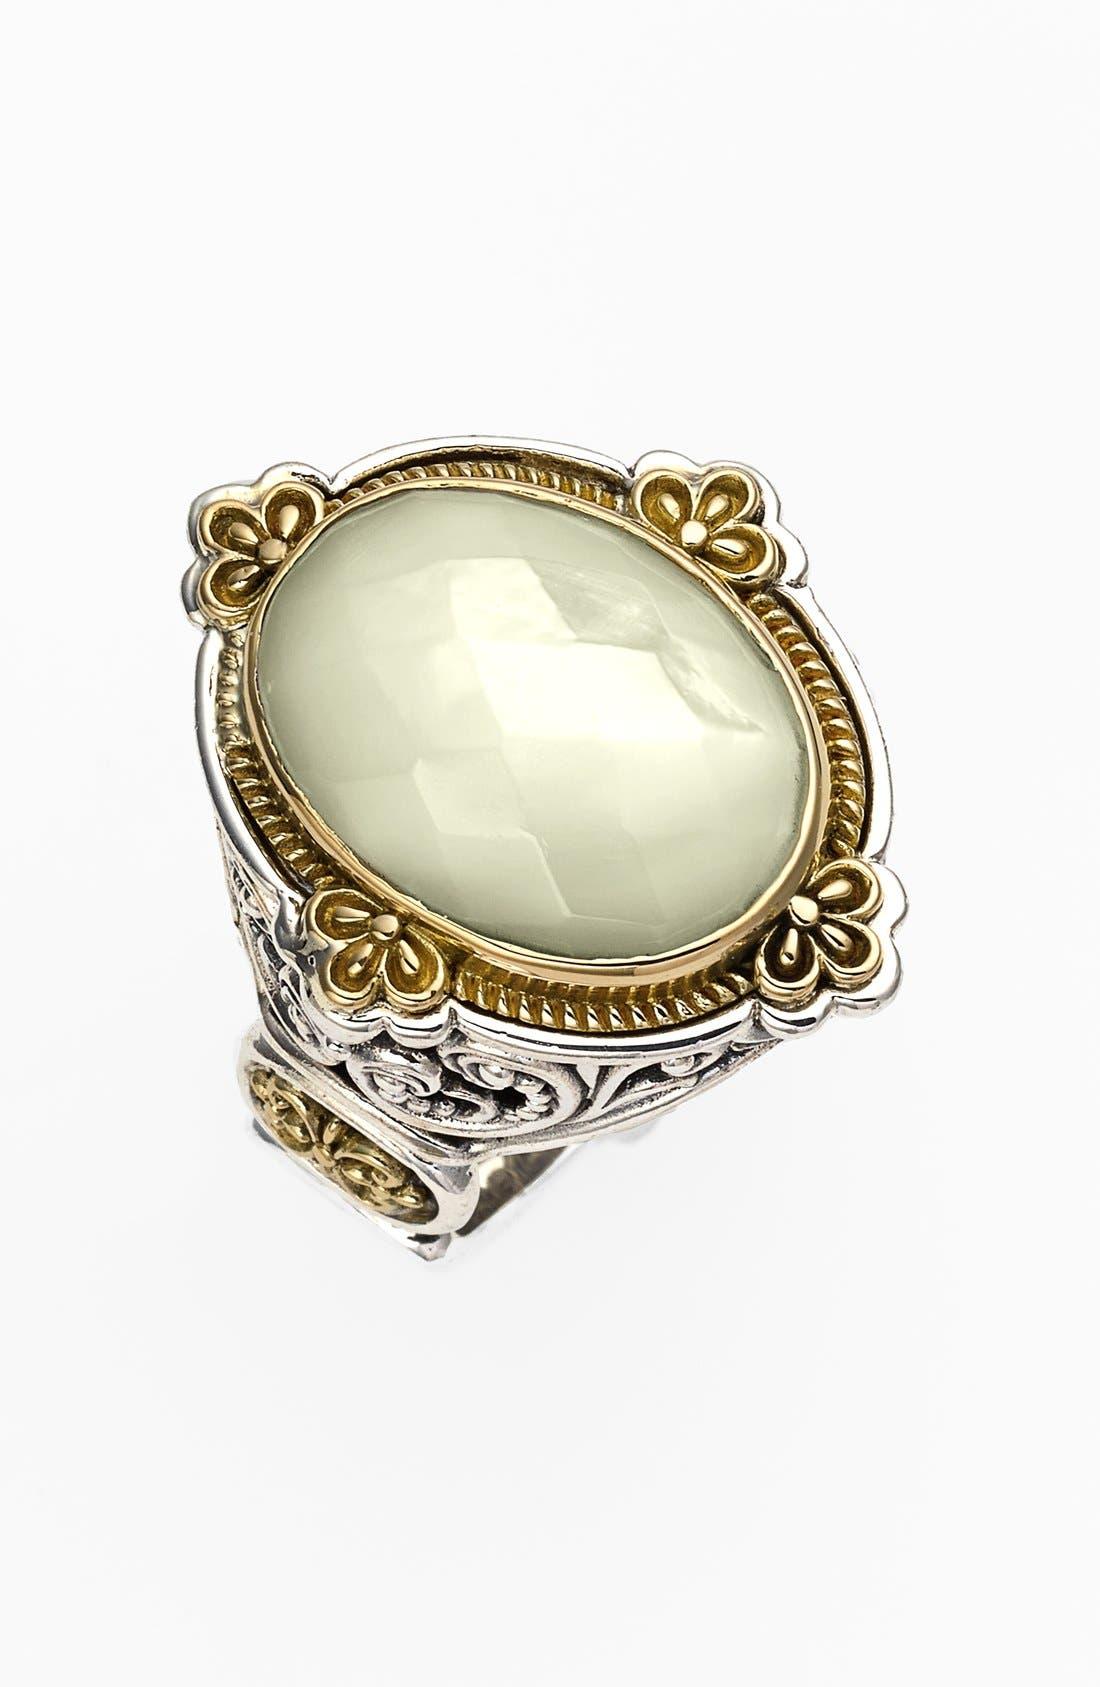 KONSTANTINO Selene Semiprecious Stone Ring